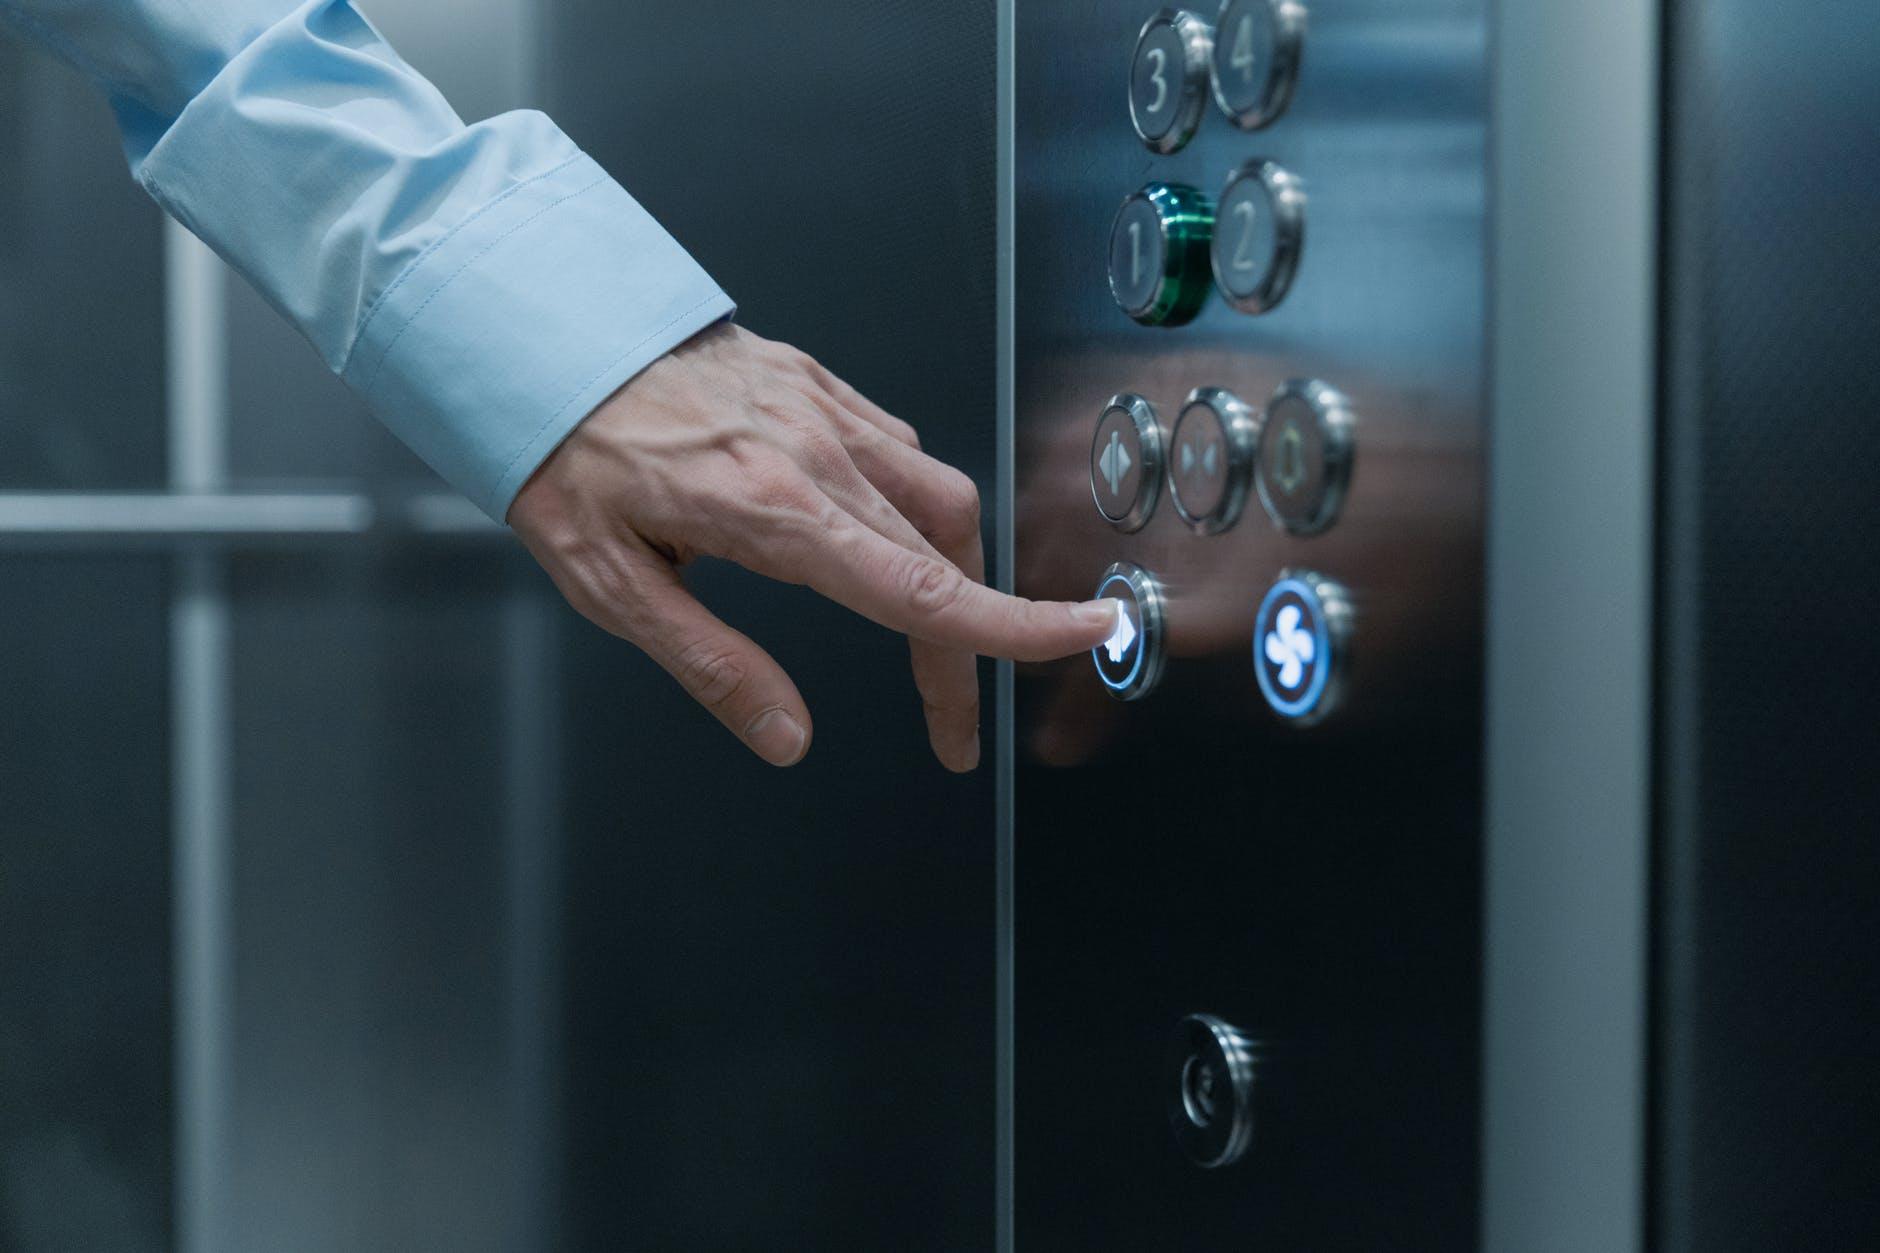 Dê um upgrade no seu elevador com a modernização parcial